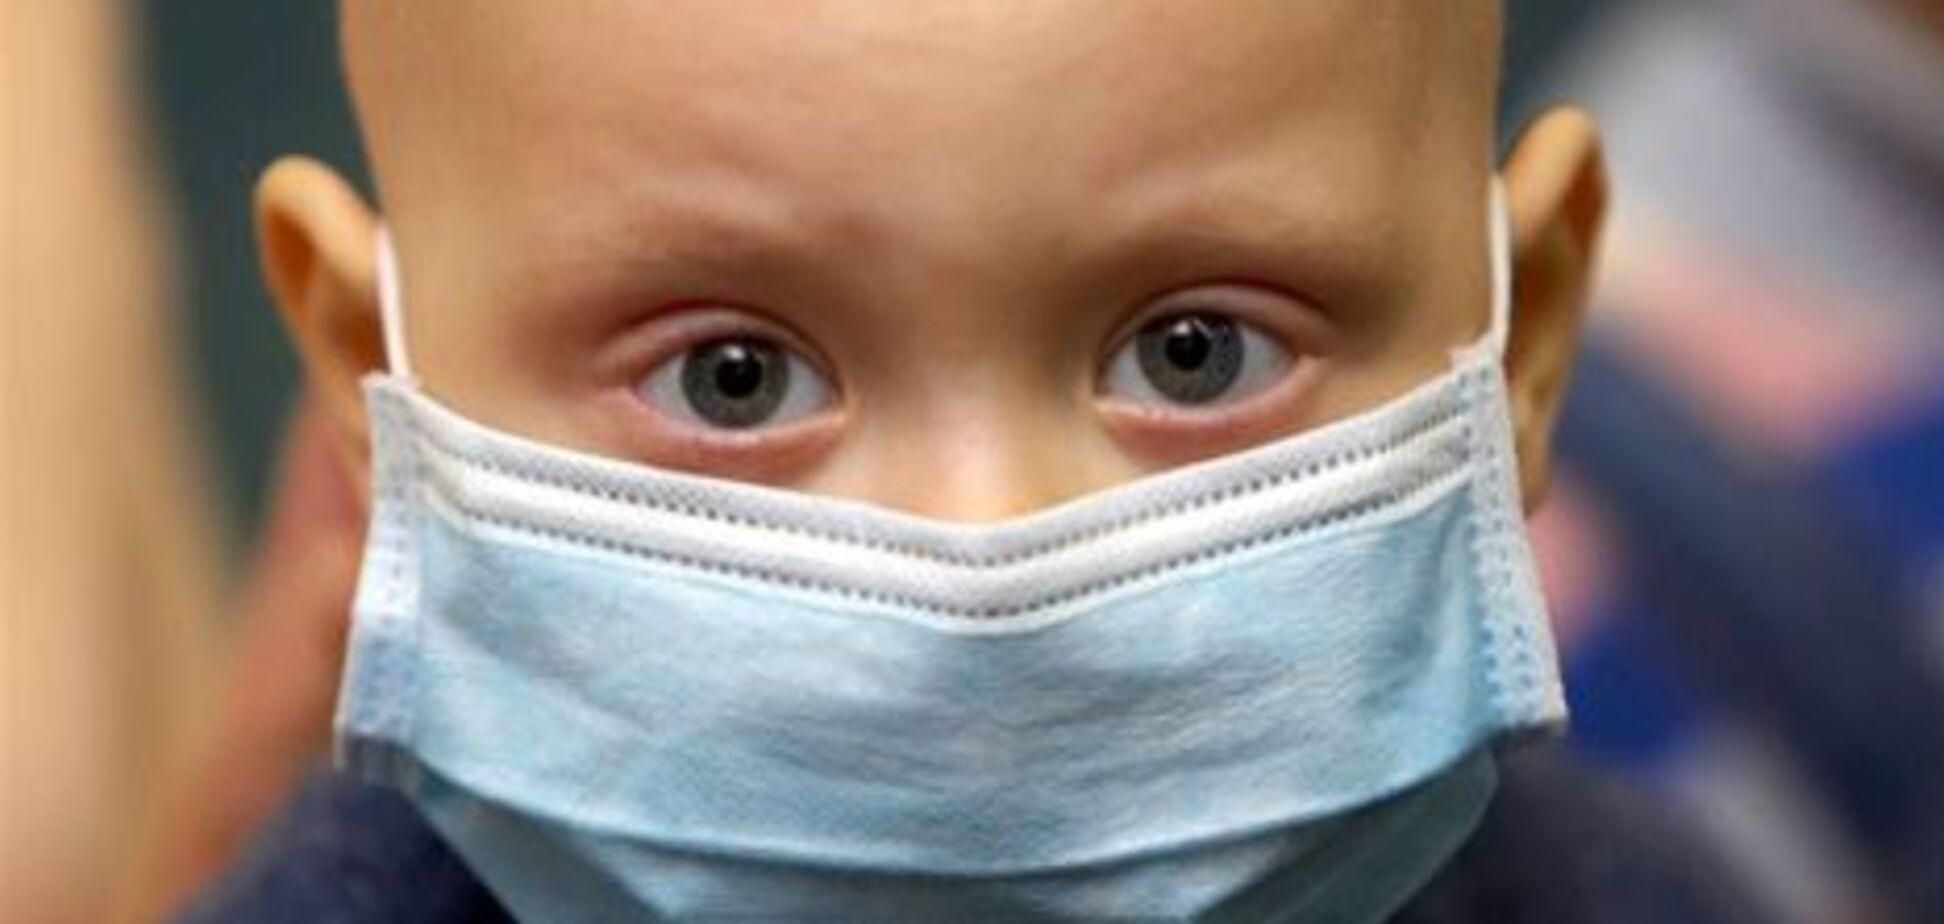 Детский онколог назвал симптомы рака, которые нельзя пропустить